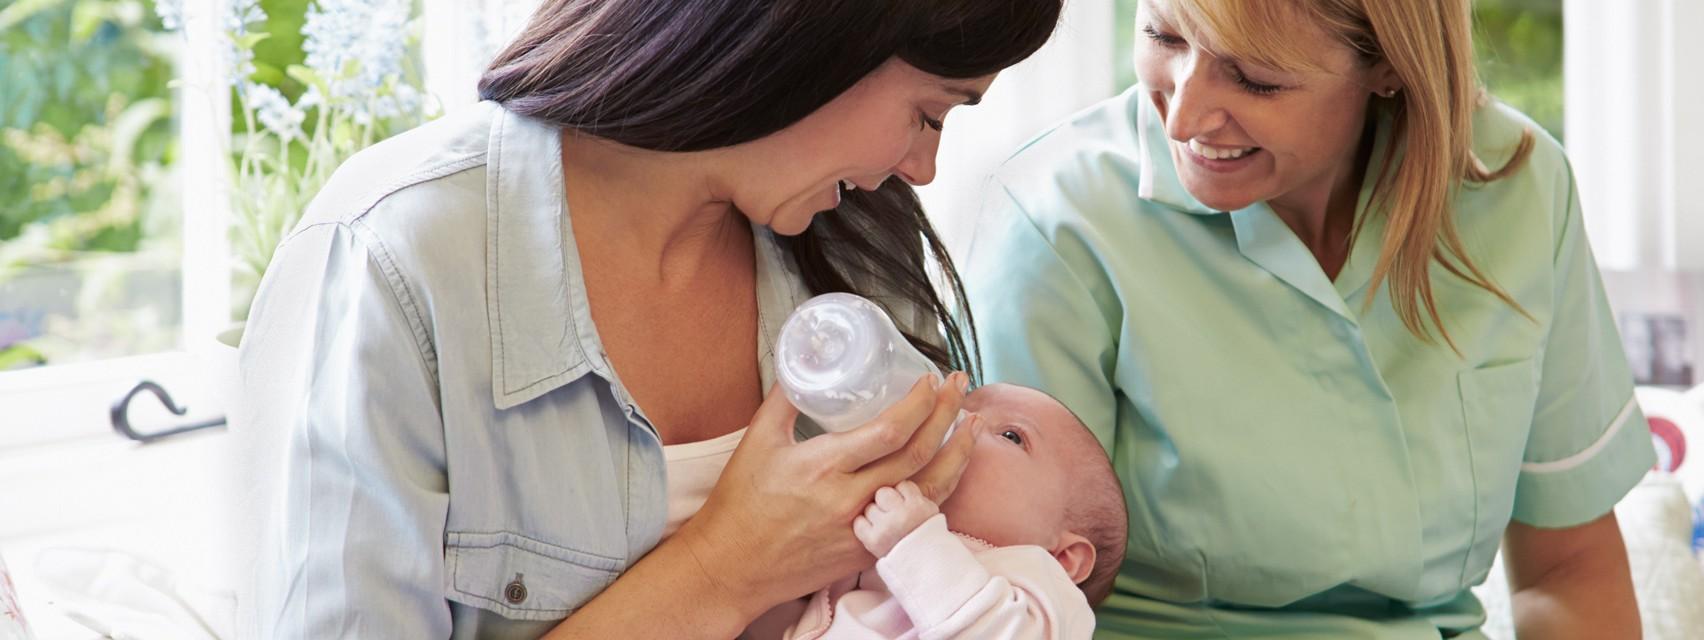 Zwei Frauen füttern ein Baby mit einer Flasche.